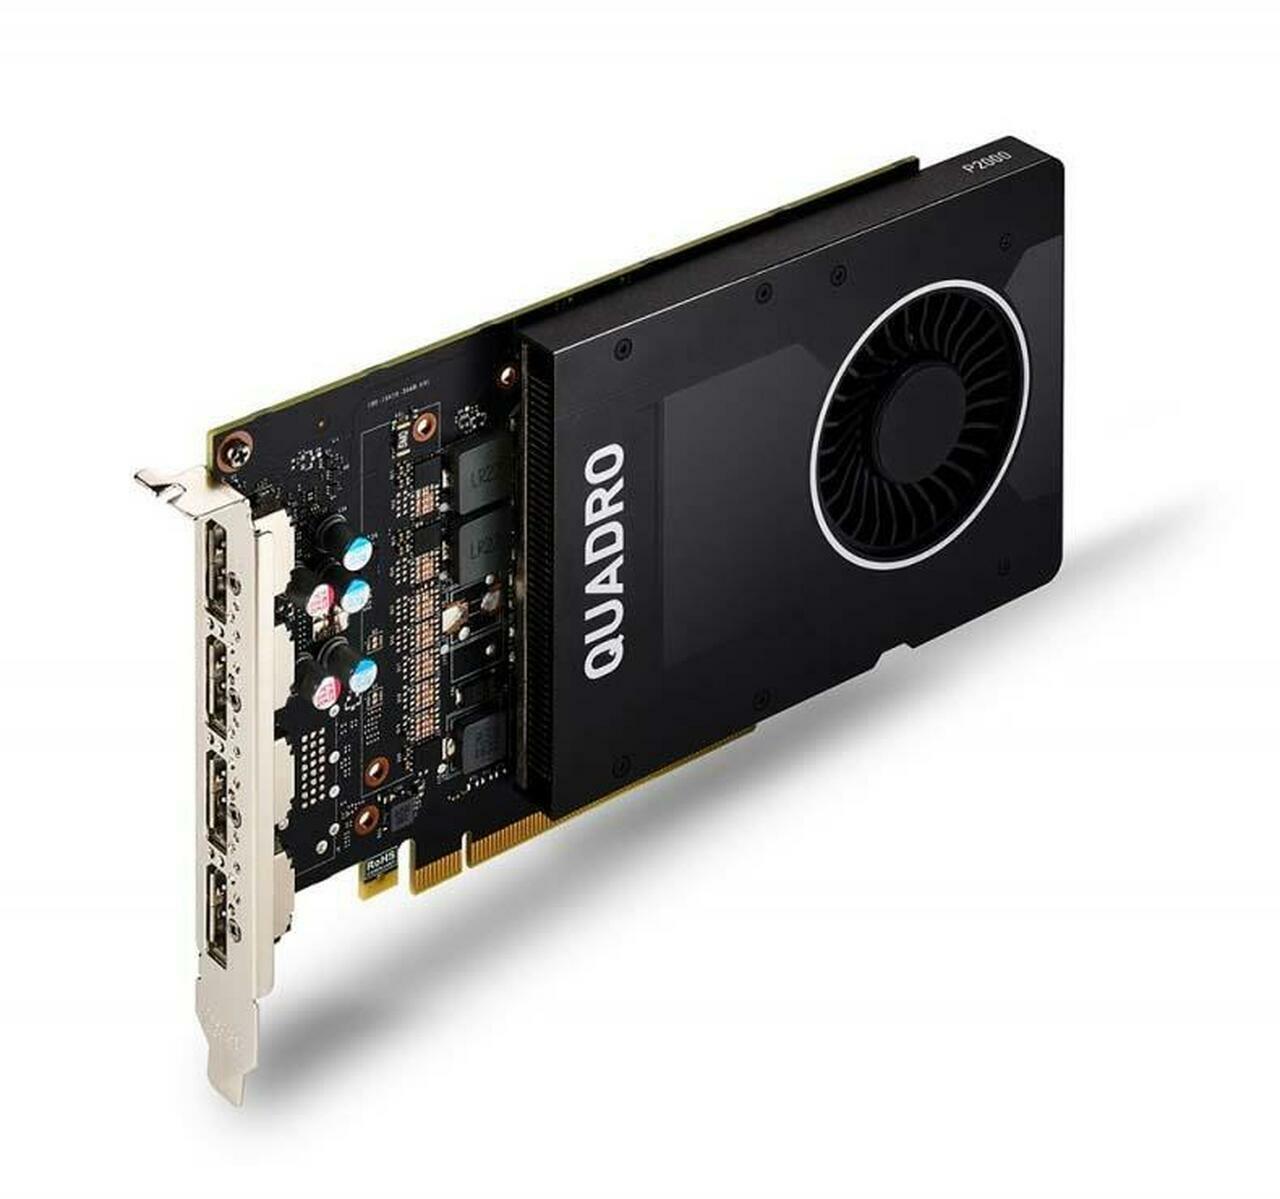 Dell NVidia Quadro P2000 5GB GDDR5 Graphics Card